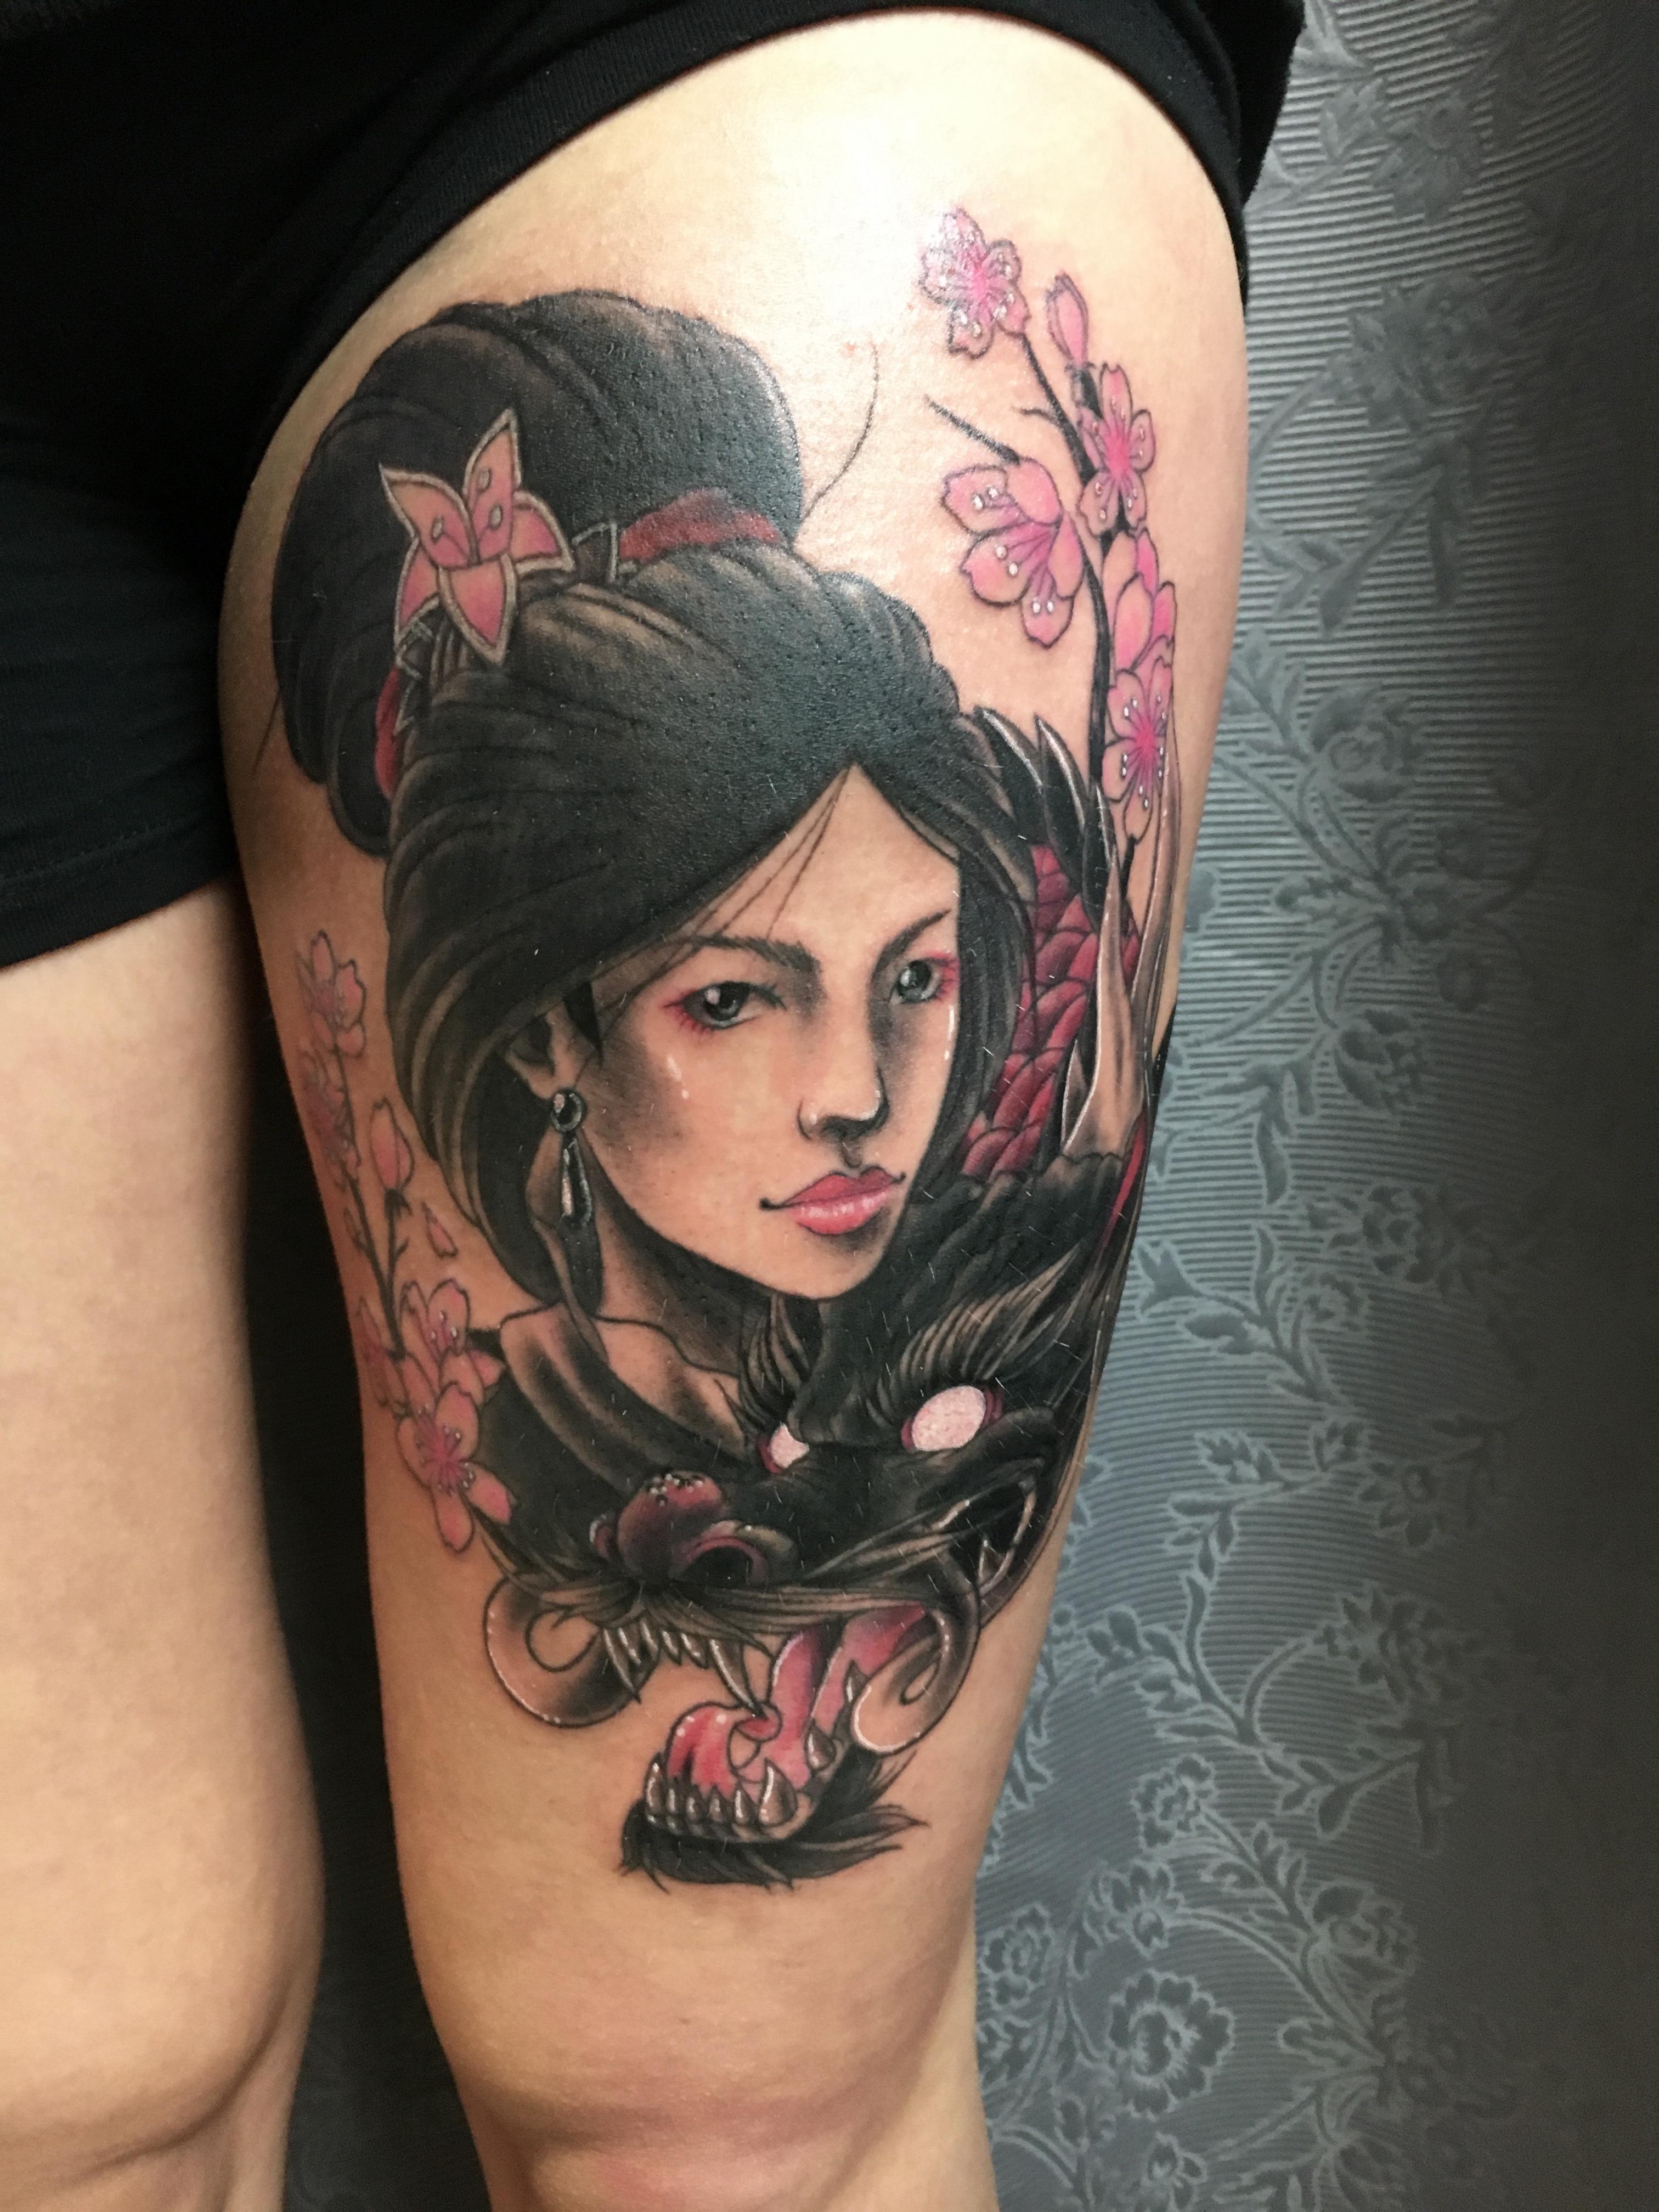 Foto de Studio One Berlin / Tattoo & Piercing Galerie Berlin